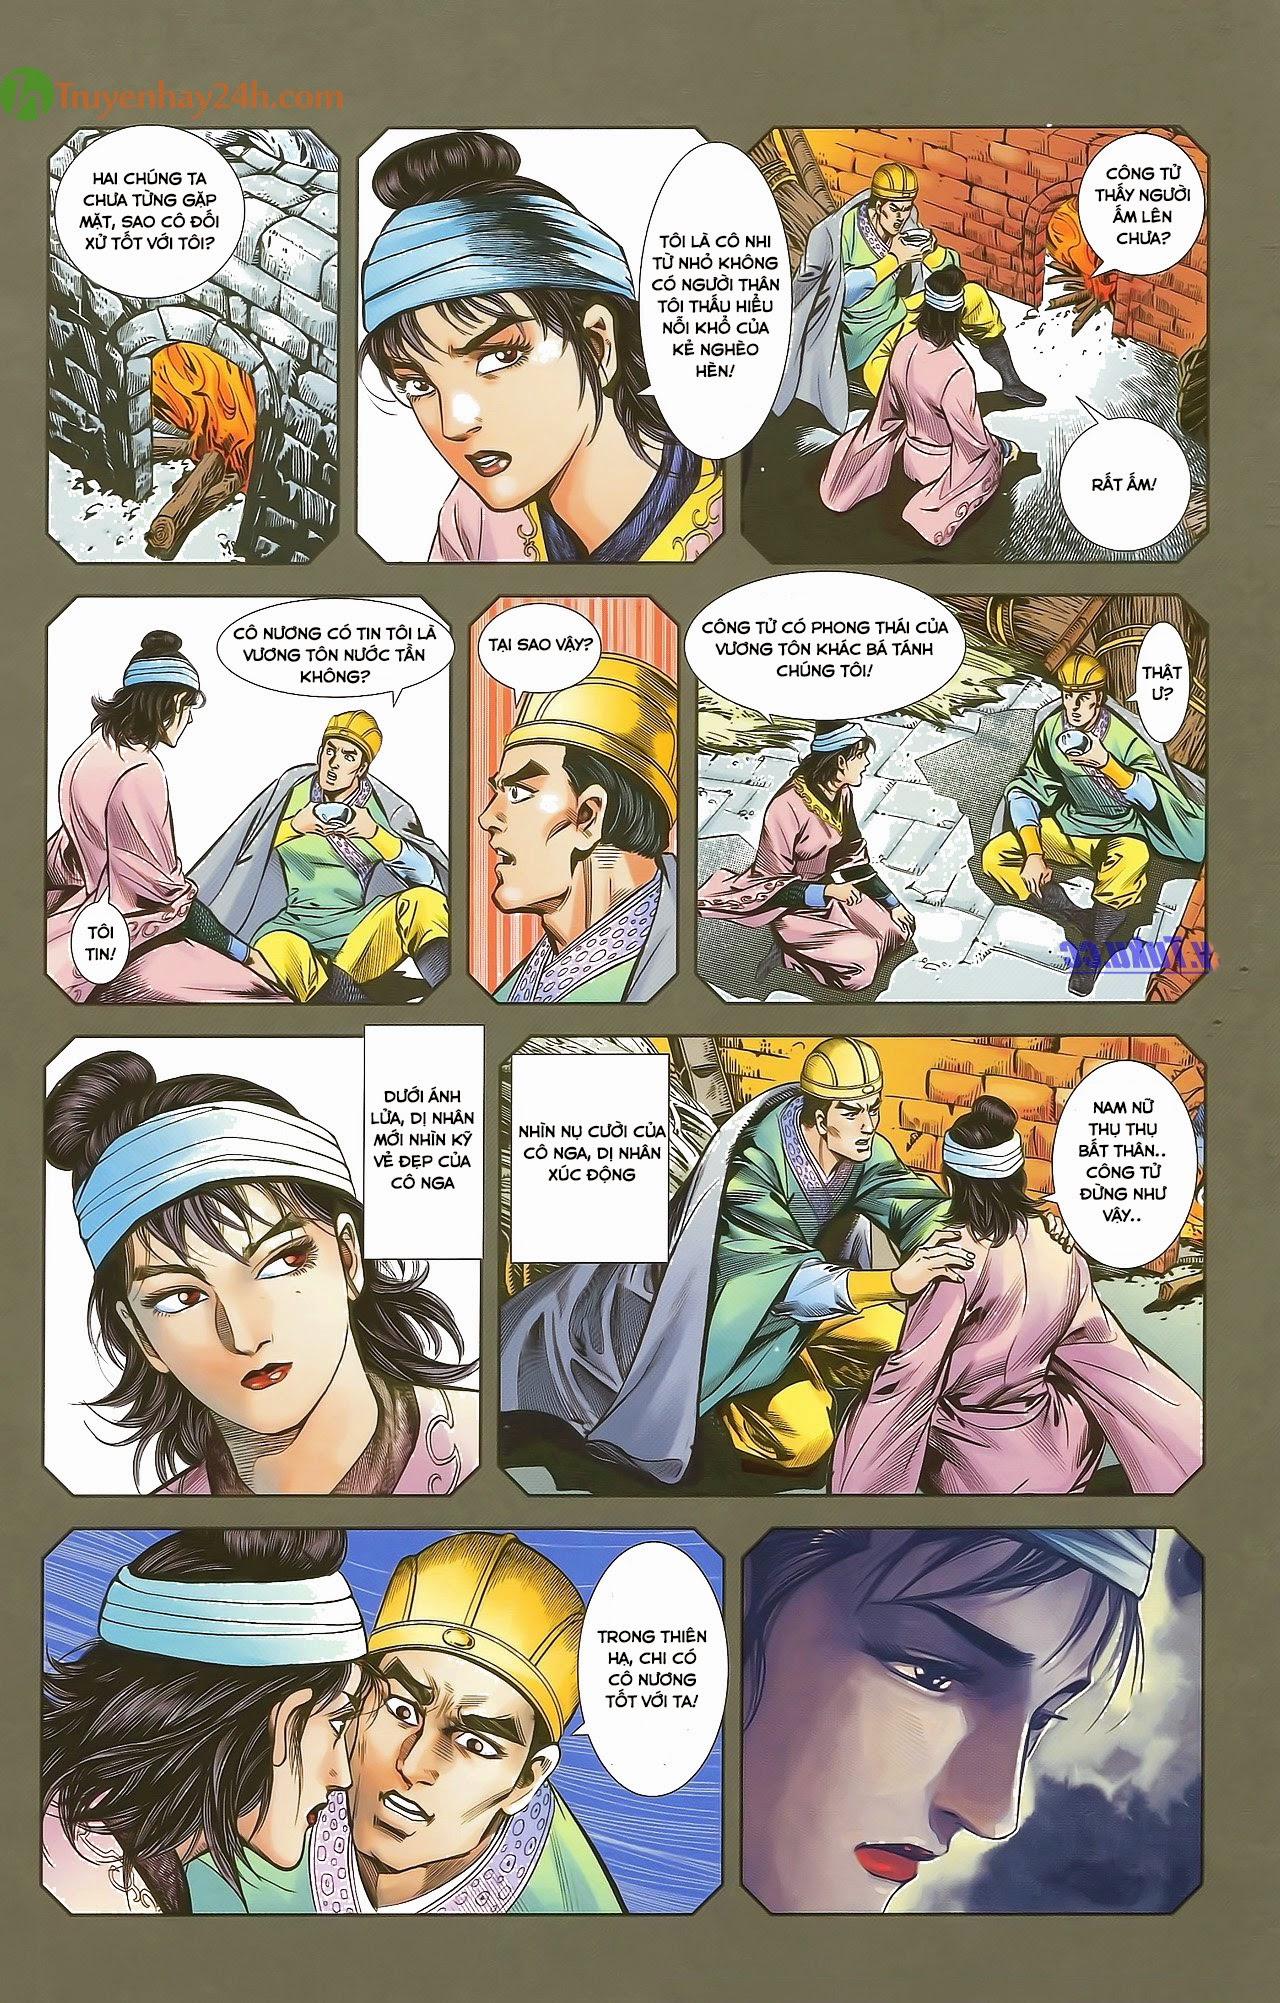 Tần Vương Doanh Chính chapter 29.1 trang 14